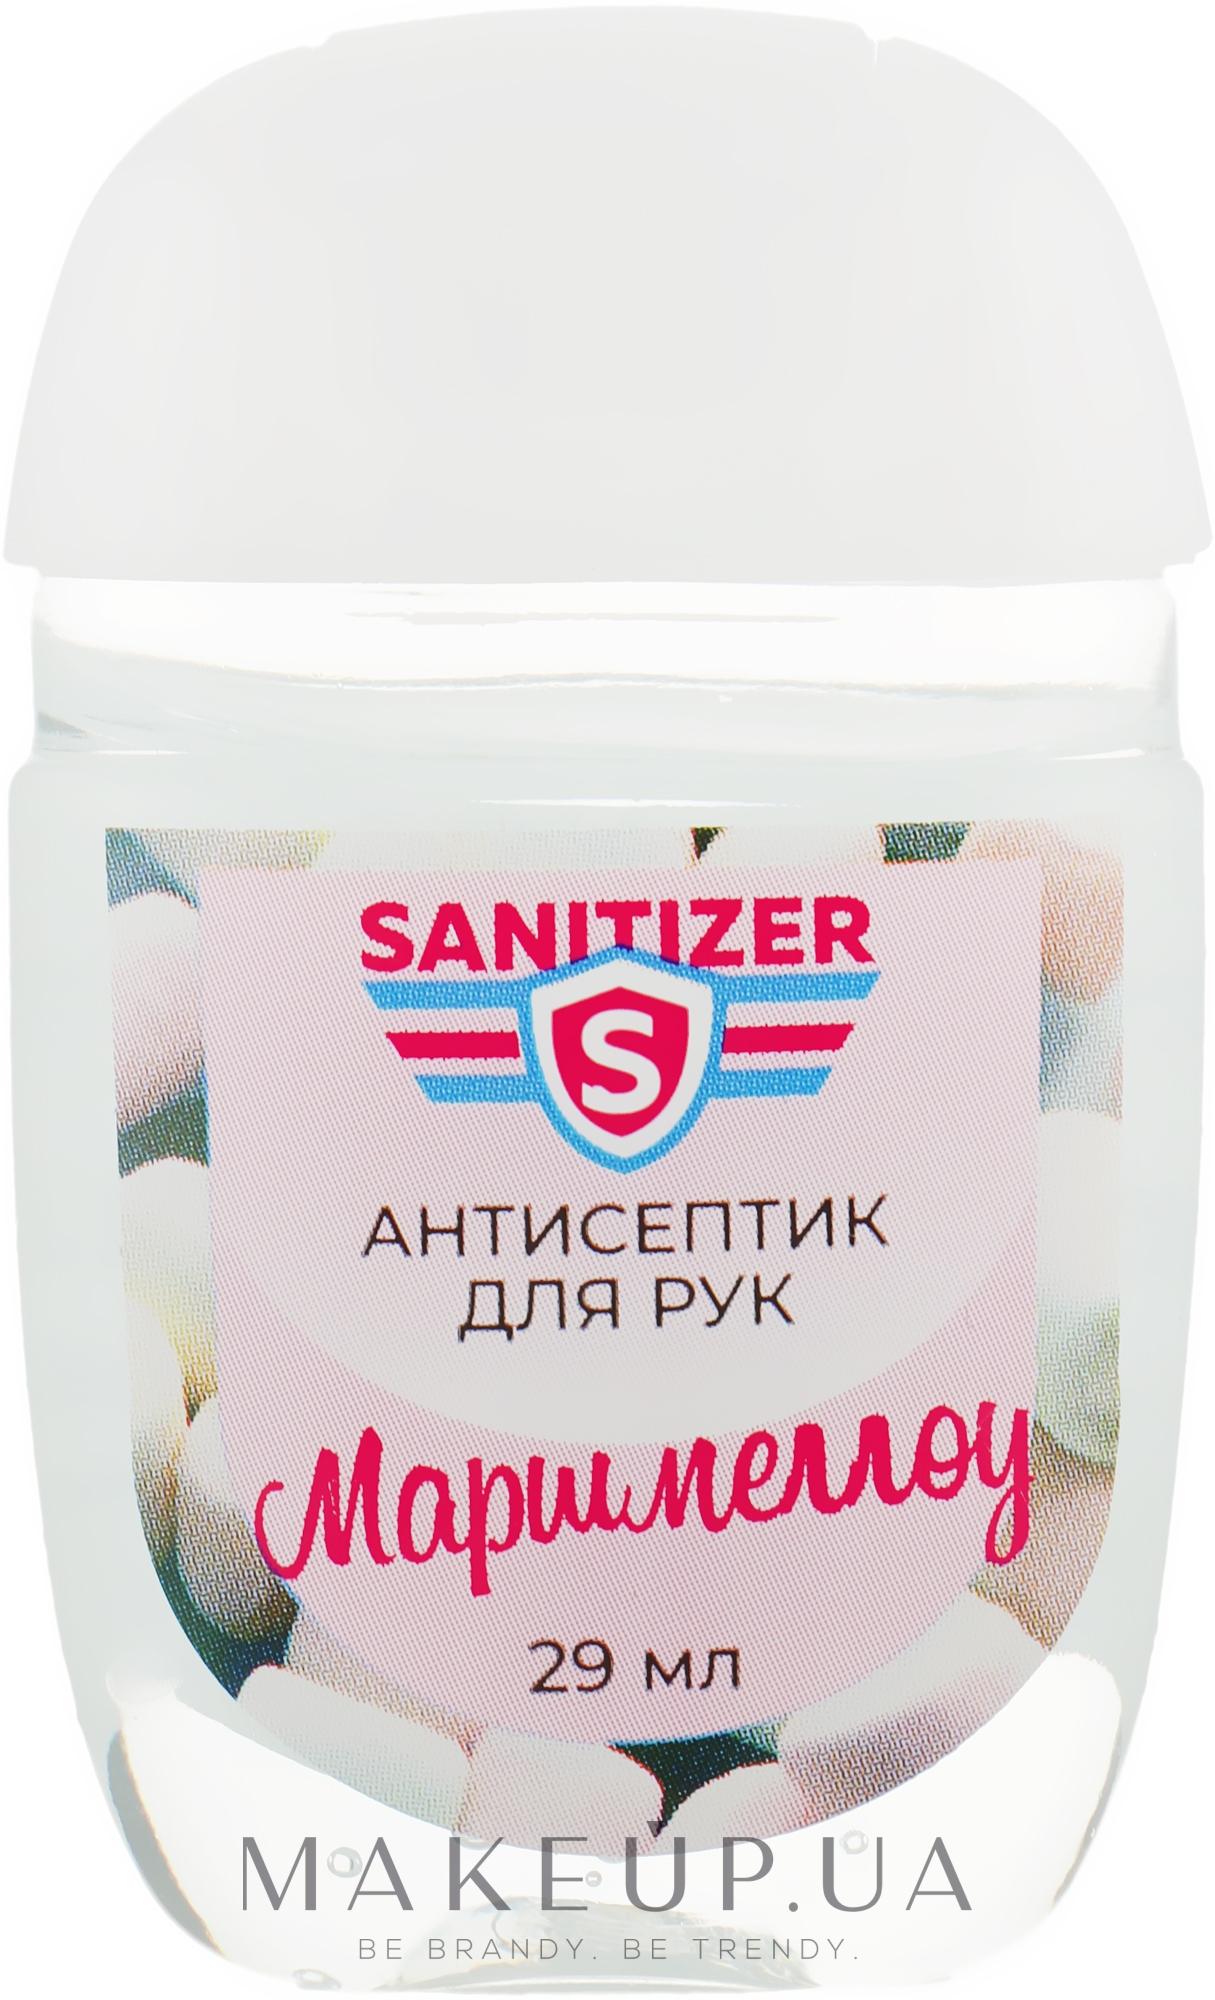 """Антисептик для рук """"Маршмеллоу"""" - Sanitizer — фото 29ml"""